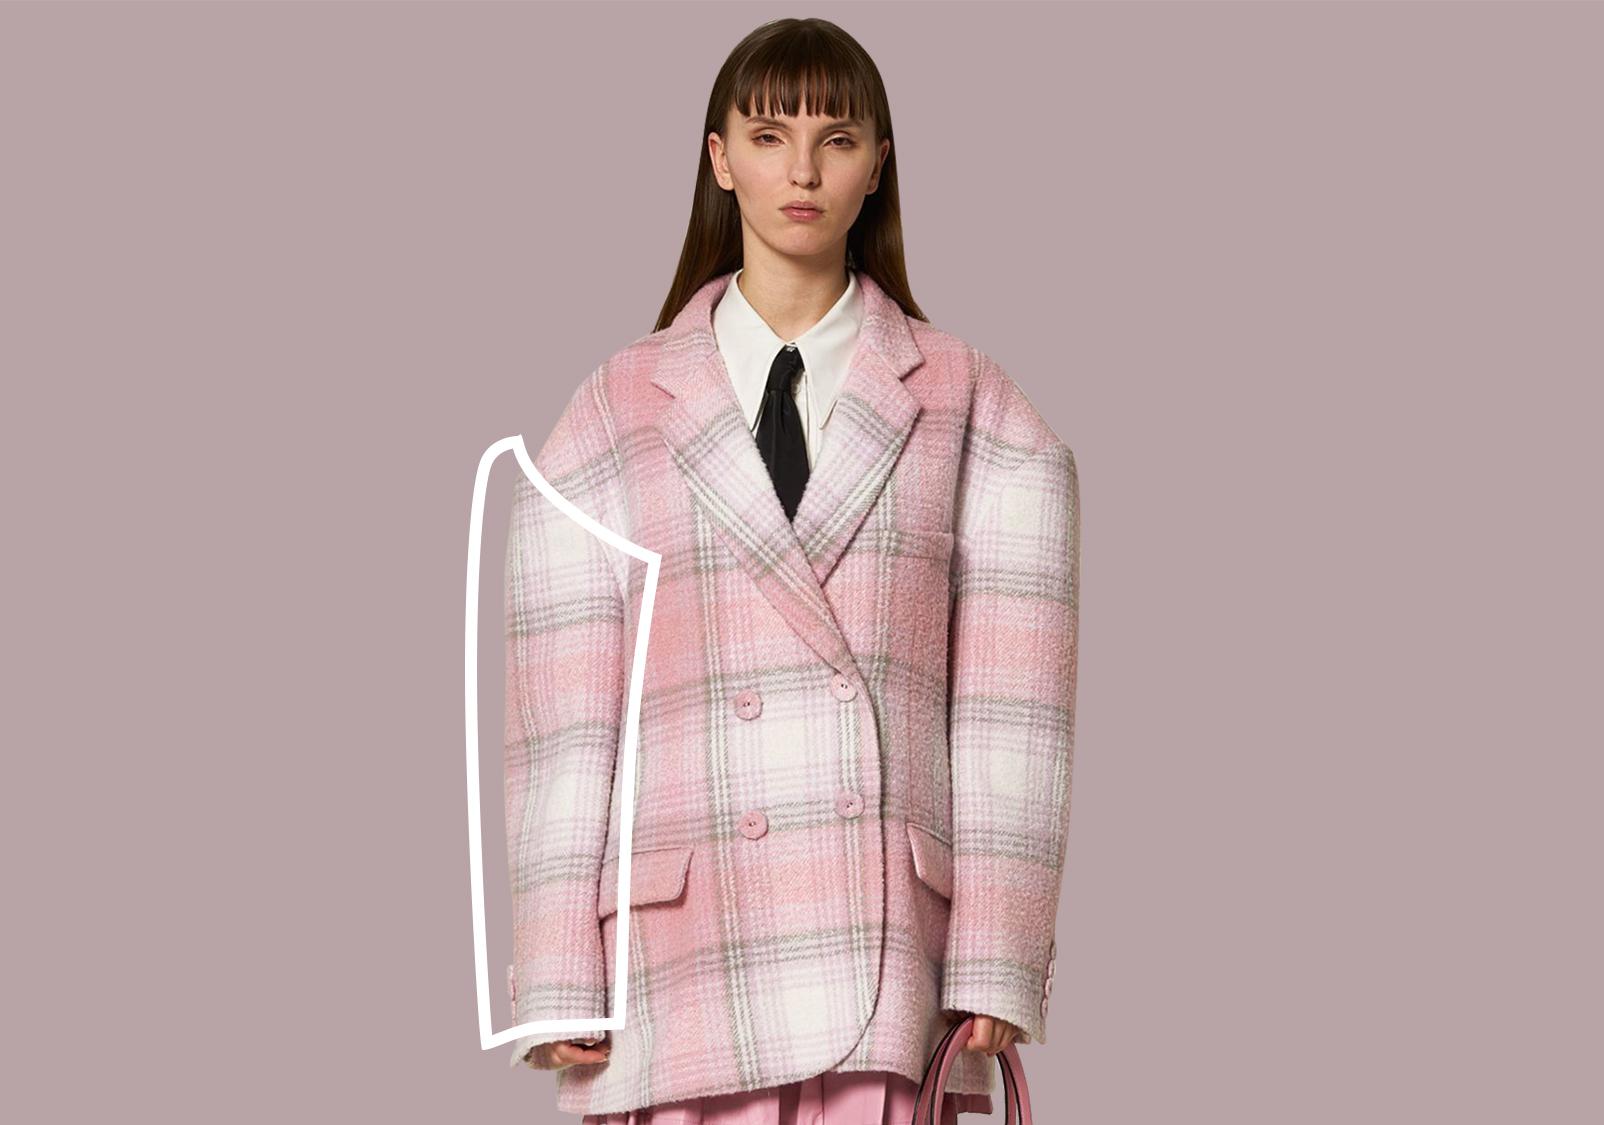 量感袖型--女裝大衣廓形趨勢